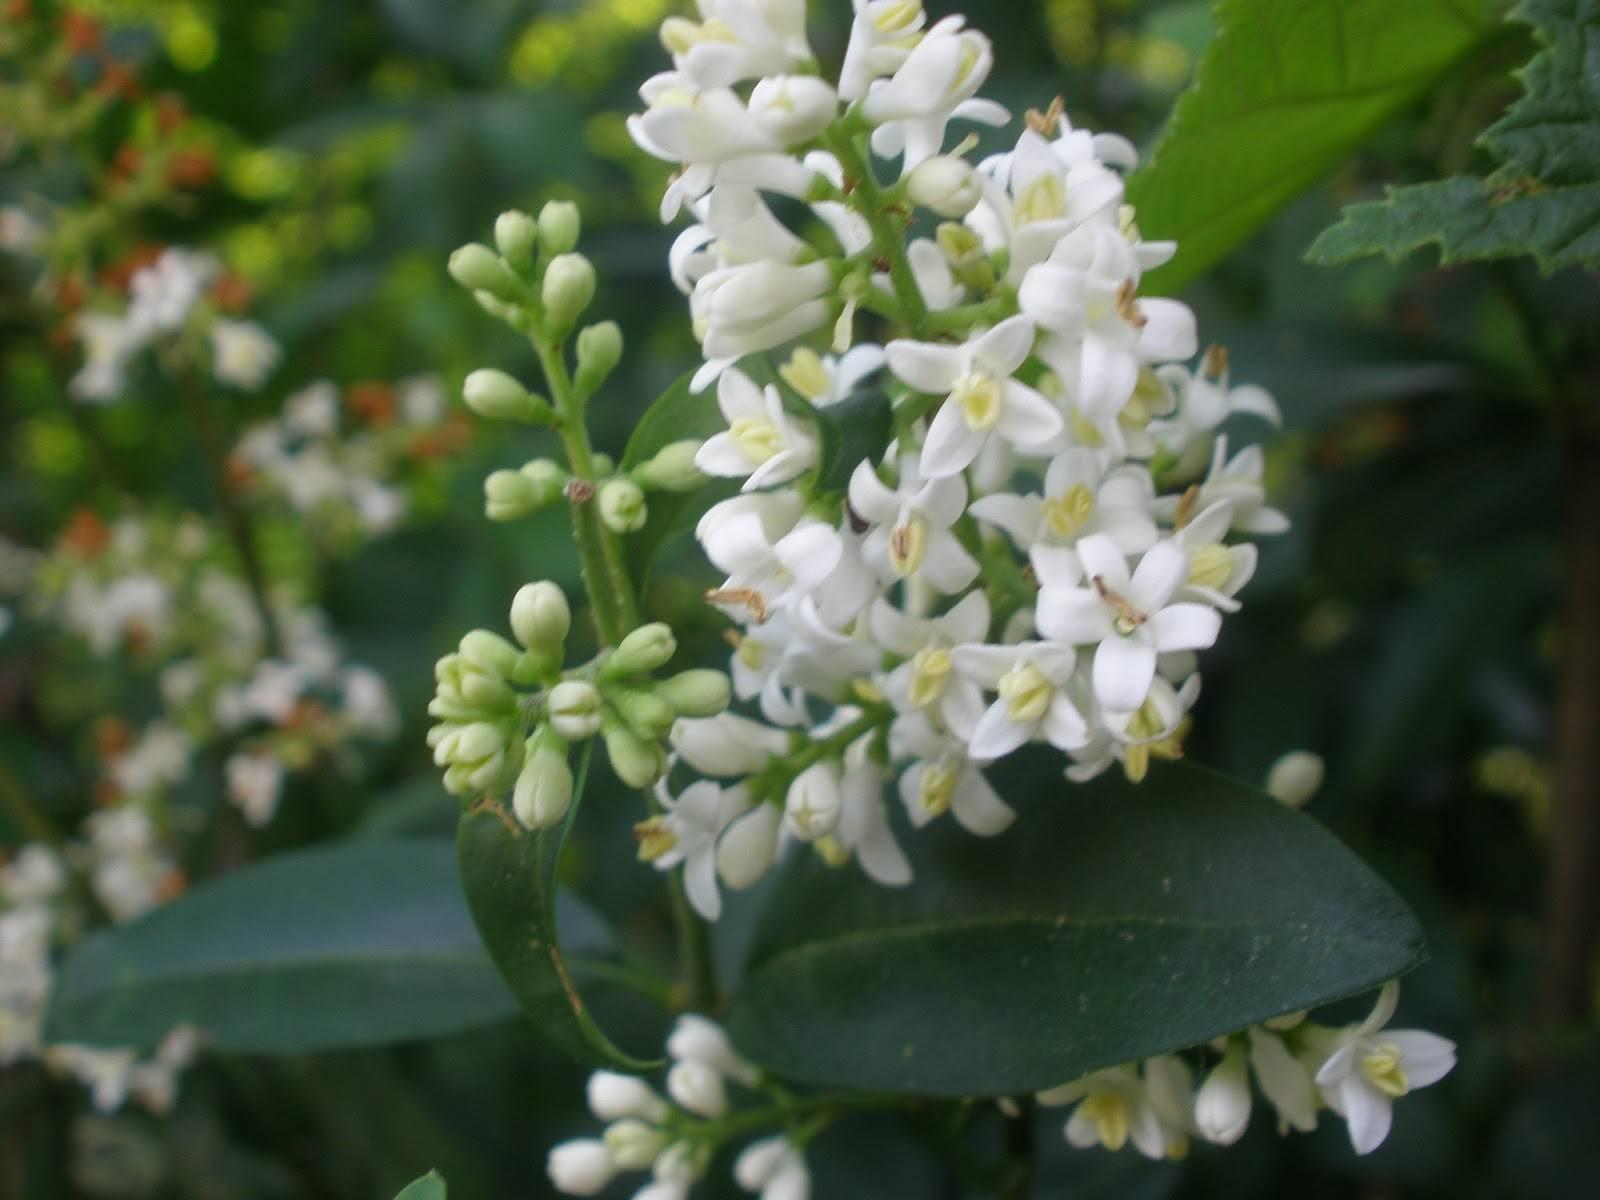 Pianta sempreverde piante da giardino caratteristiche - Piante da giardino invernali ...